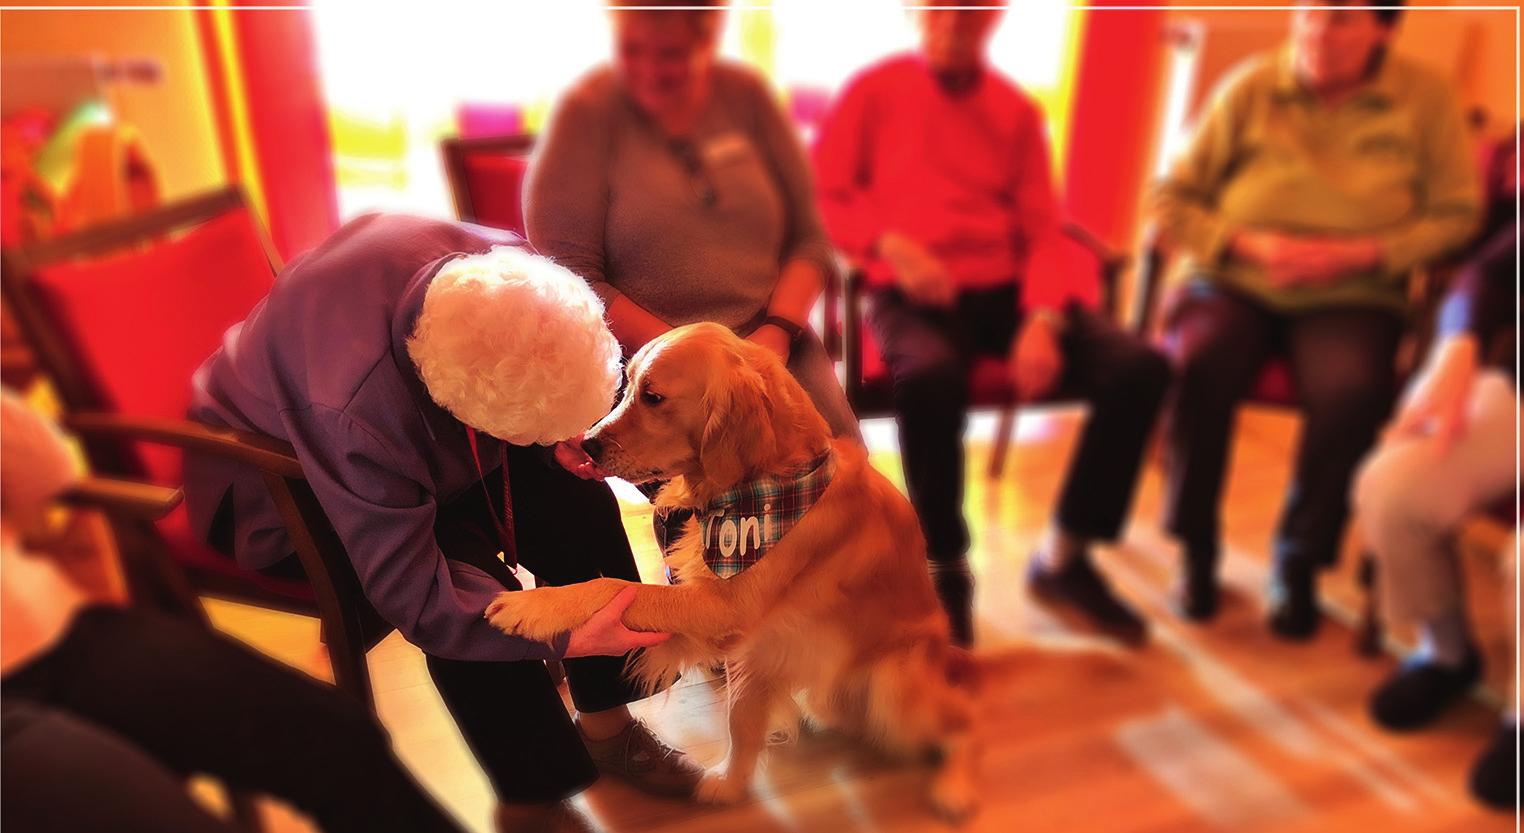 Toni ist ein ausgebildeter Therapiehund und beherrscht viele Dinge, die bei Besuchen und in therapeutischen Situationen helfen. Vor allem aber kann er eines: Mit unwiderstehlicher Freundlichkeit auf Menschen zugehen! Copyright@Peggy Poppen